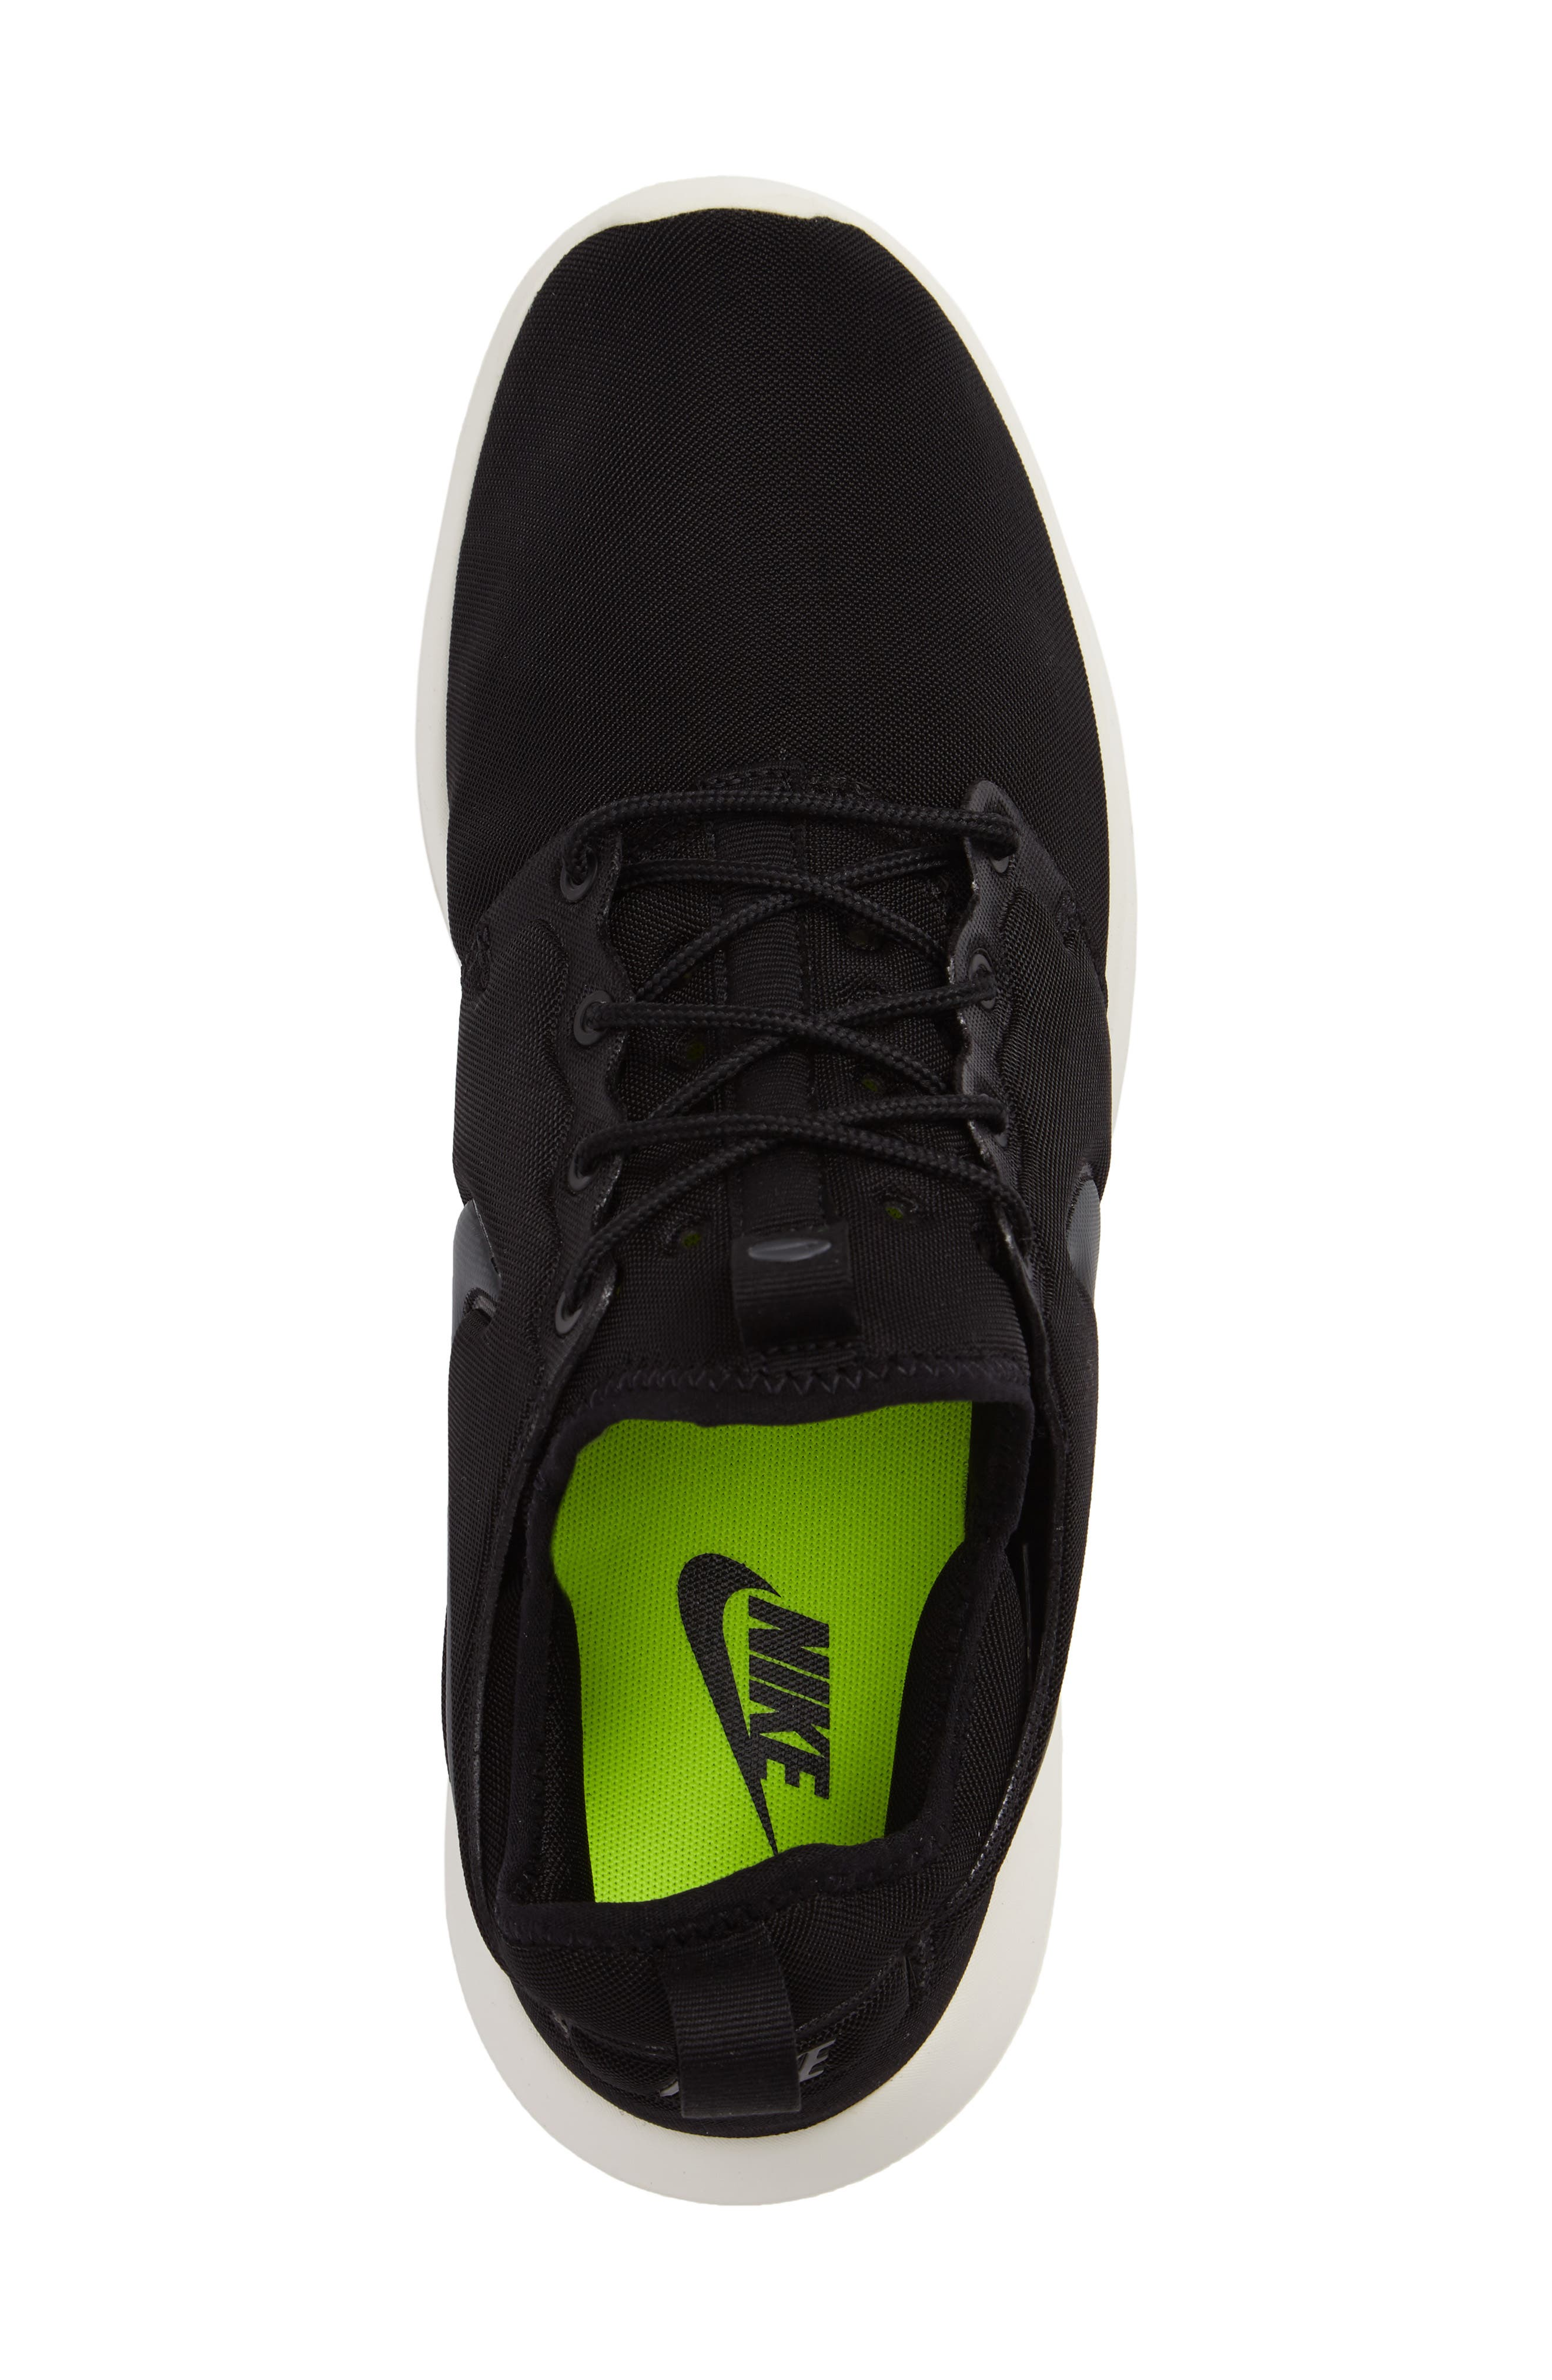 Roshe Two Sneaker,                             Alternate thumbnail 3, color,                             Black/ Anthracite/ Sail/ Volt